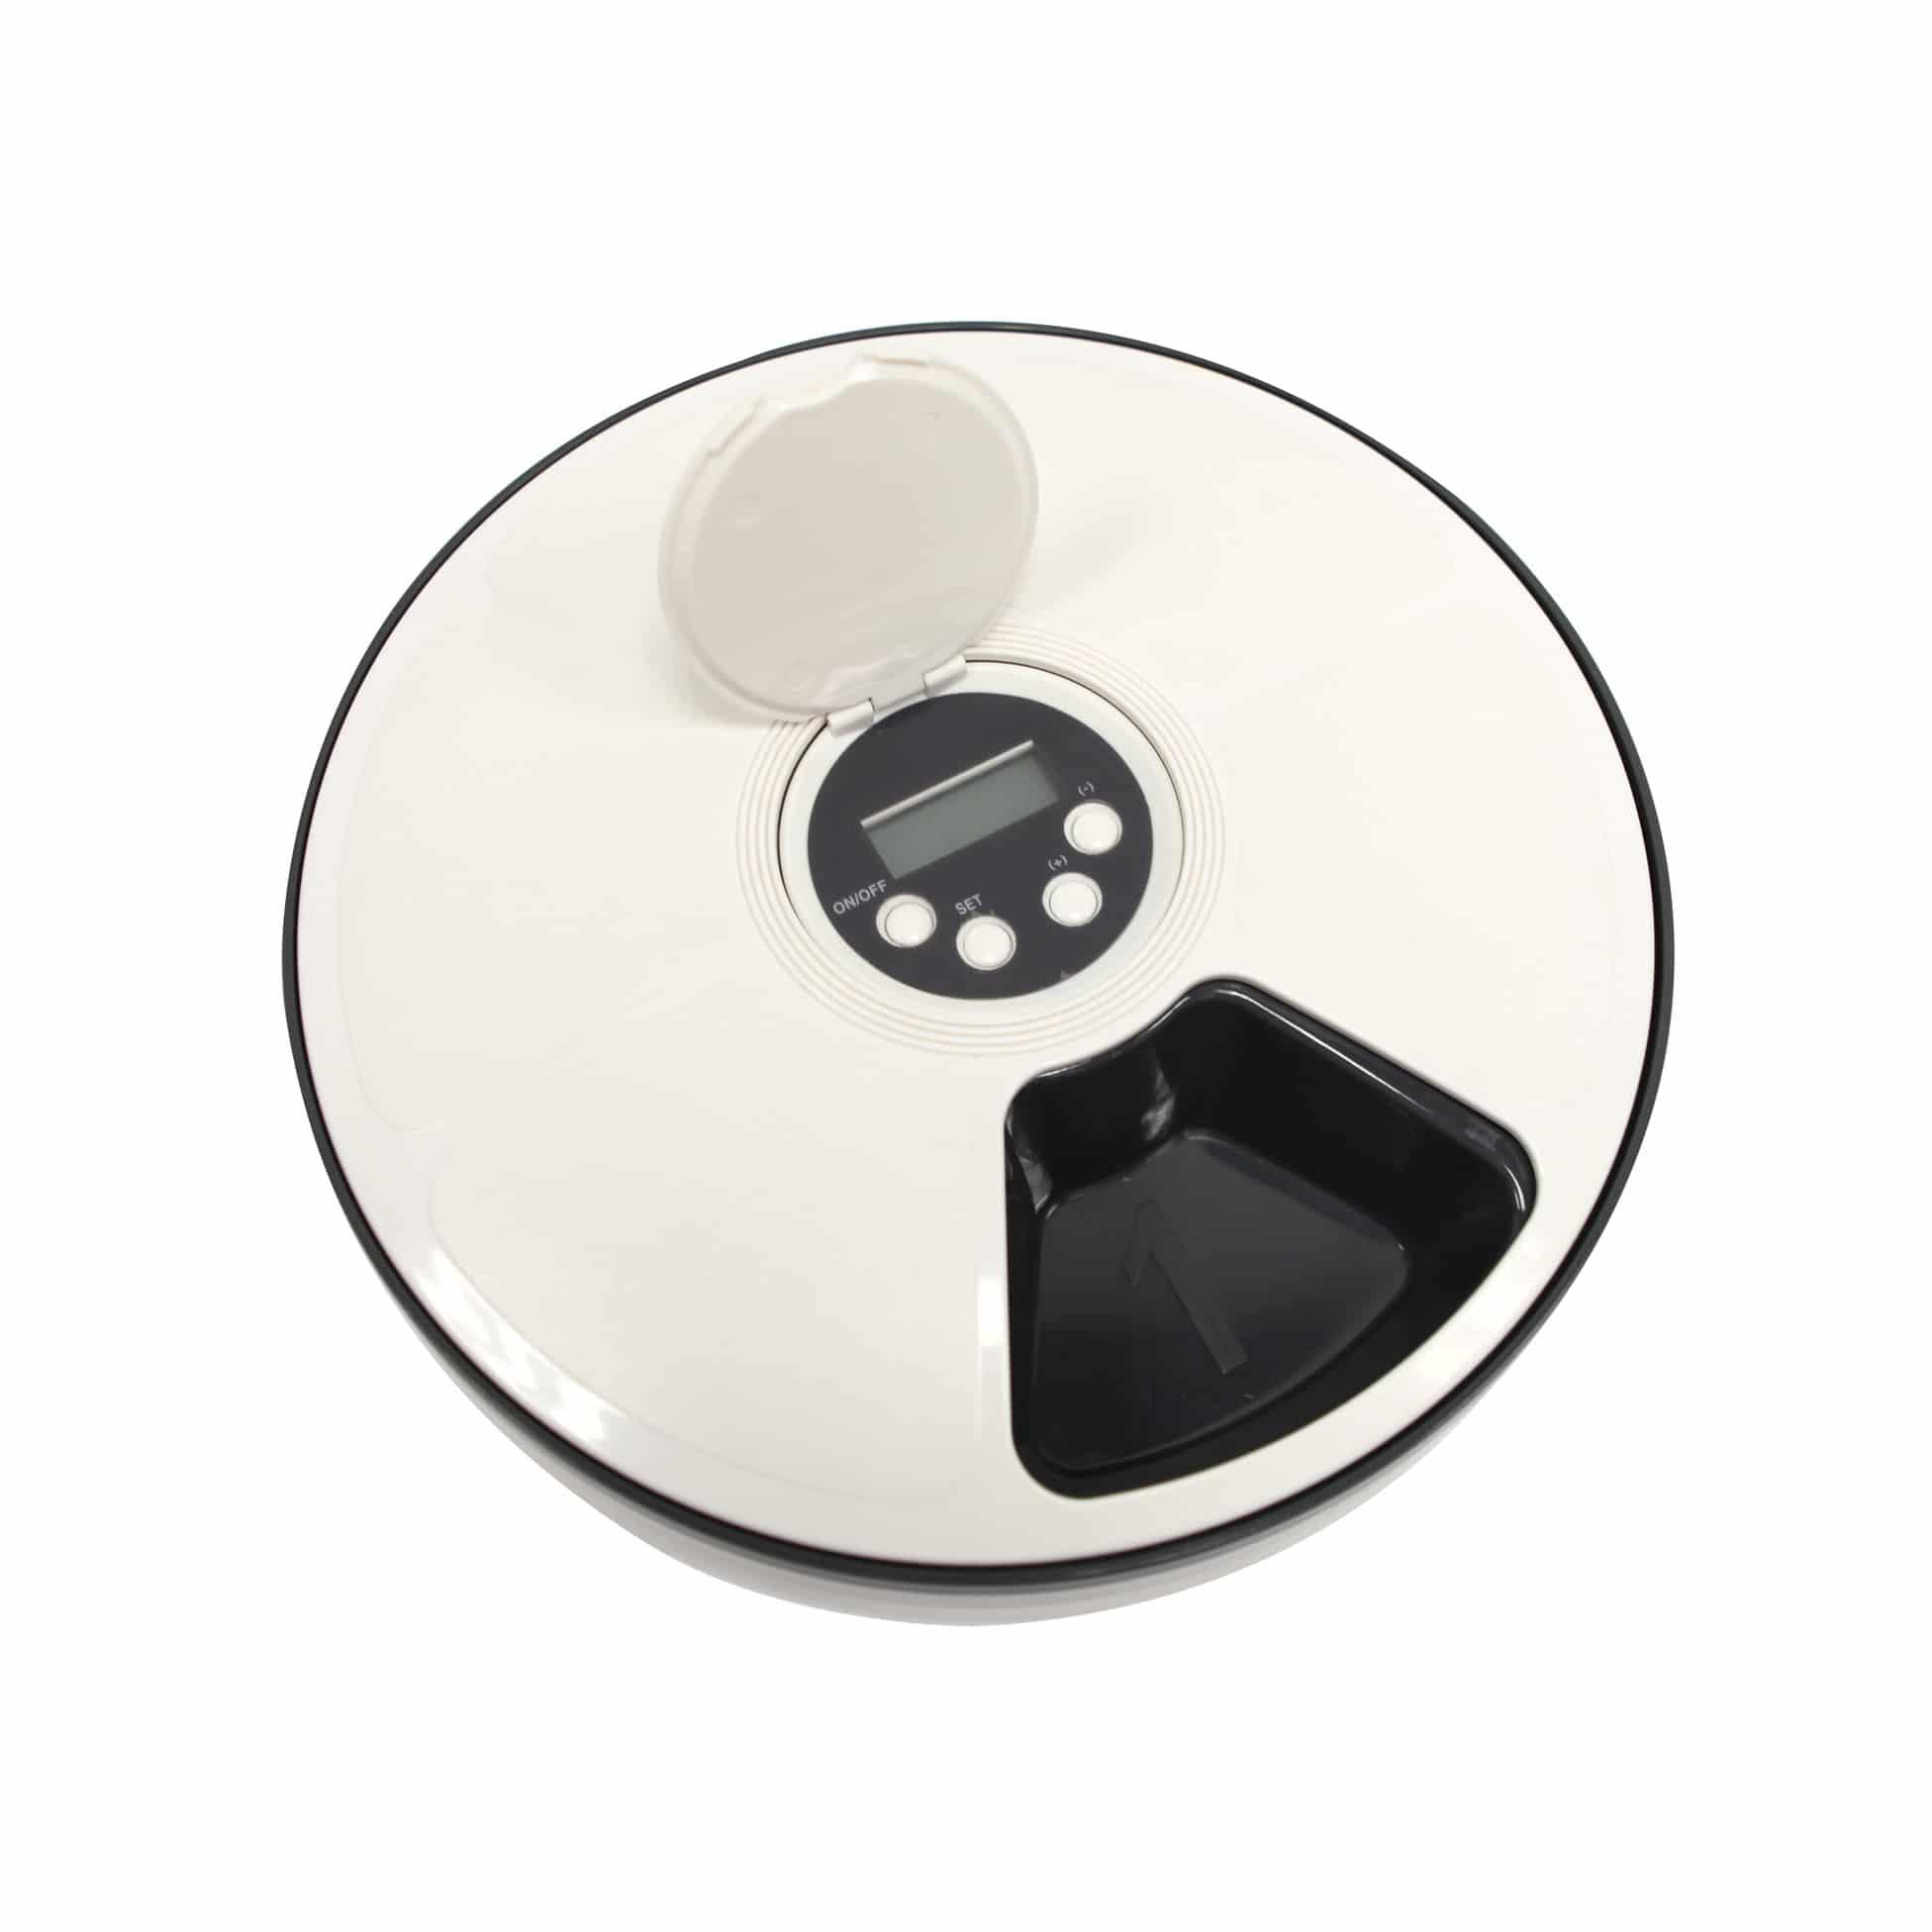 4Goodz programmeerbare huisdier voederbak met 6 vakken 30x5cm - Wit